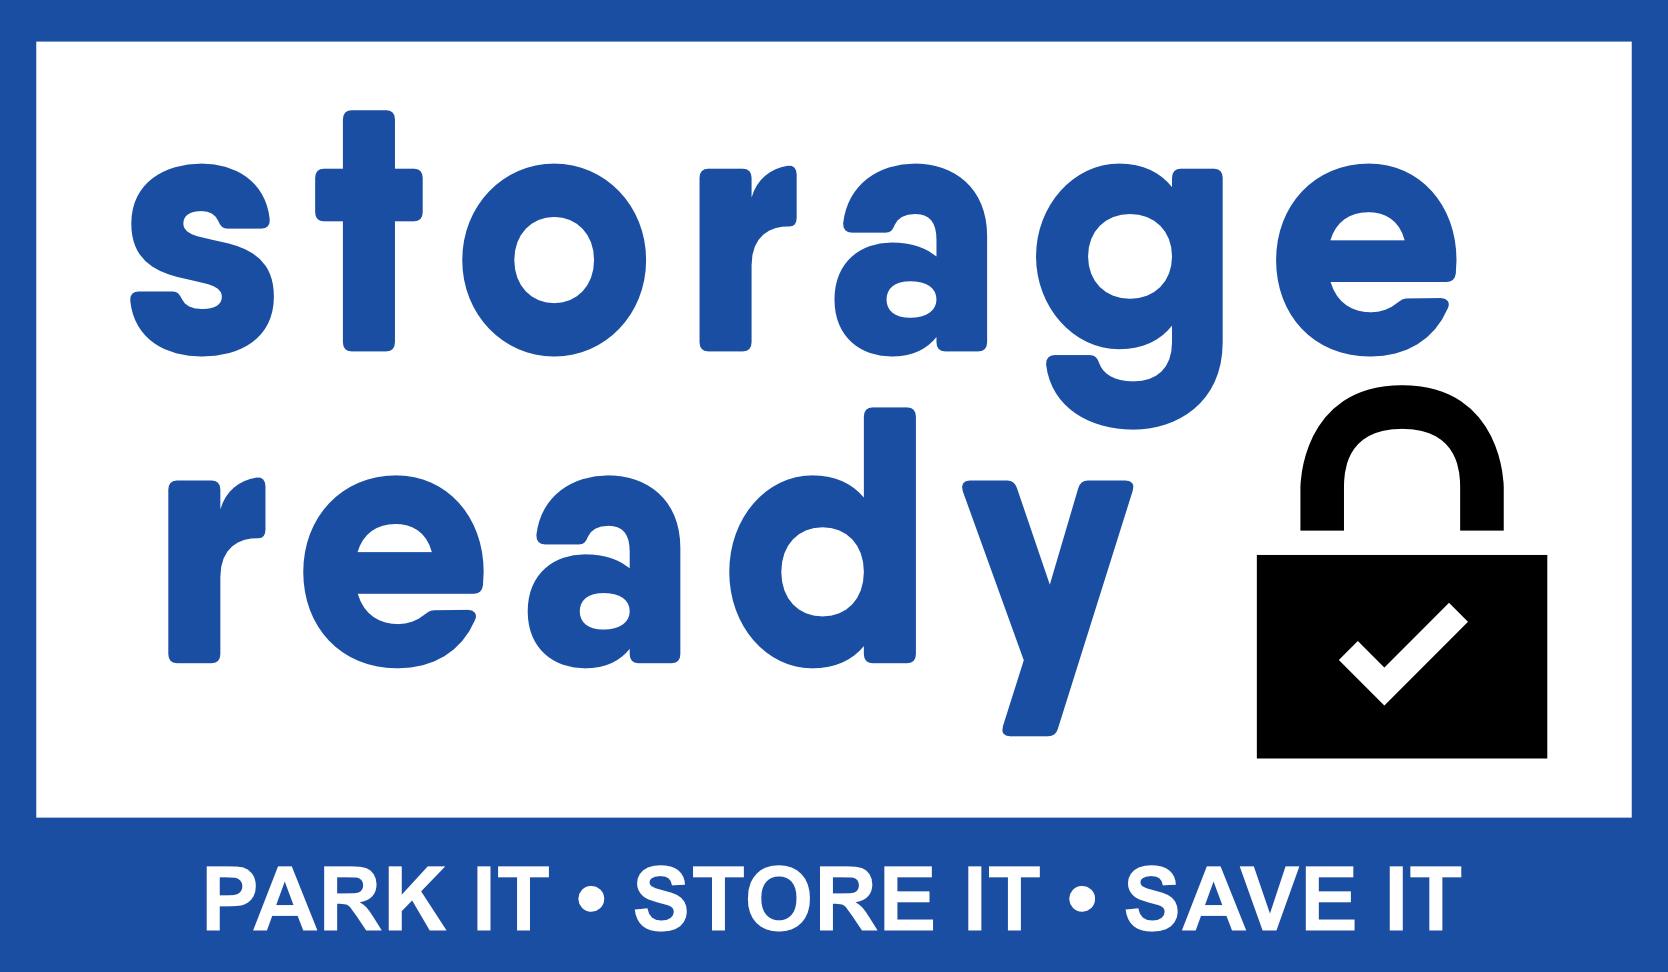 Storage Ready